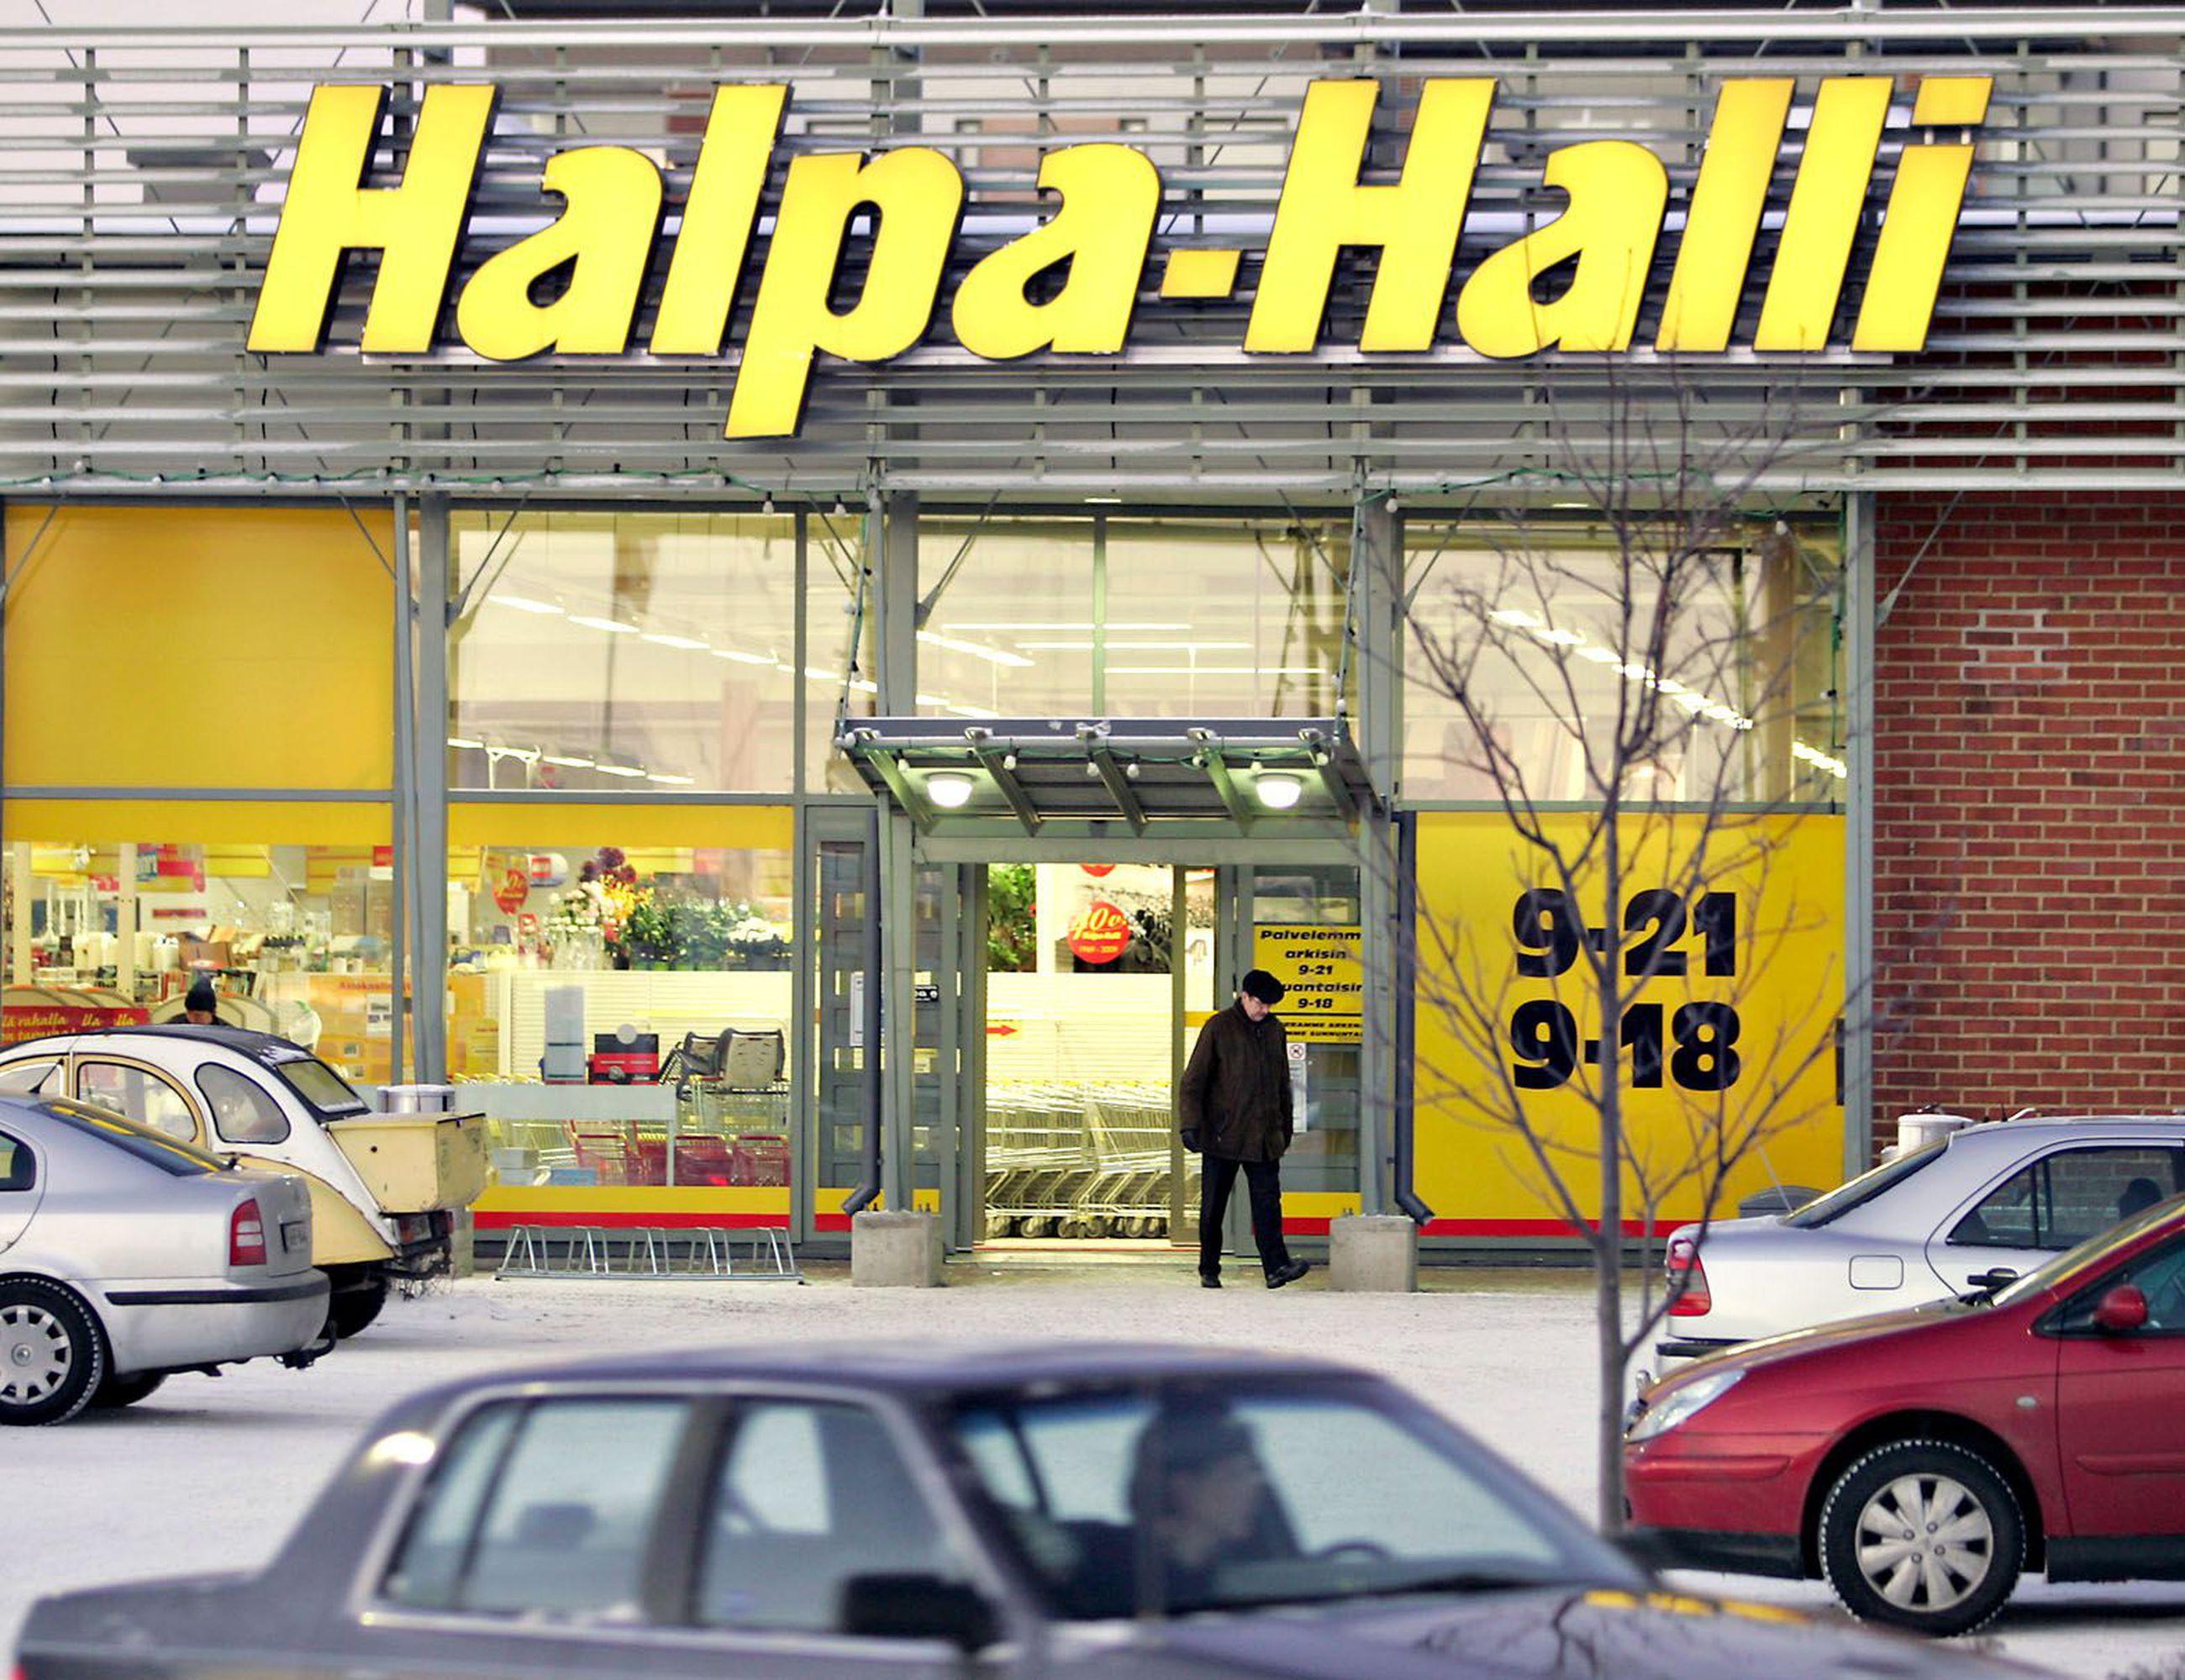 Ti Halli Oulu